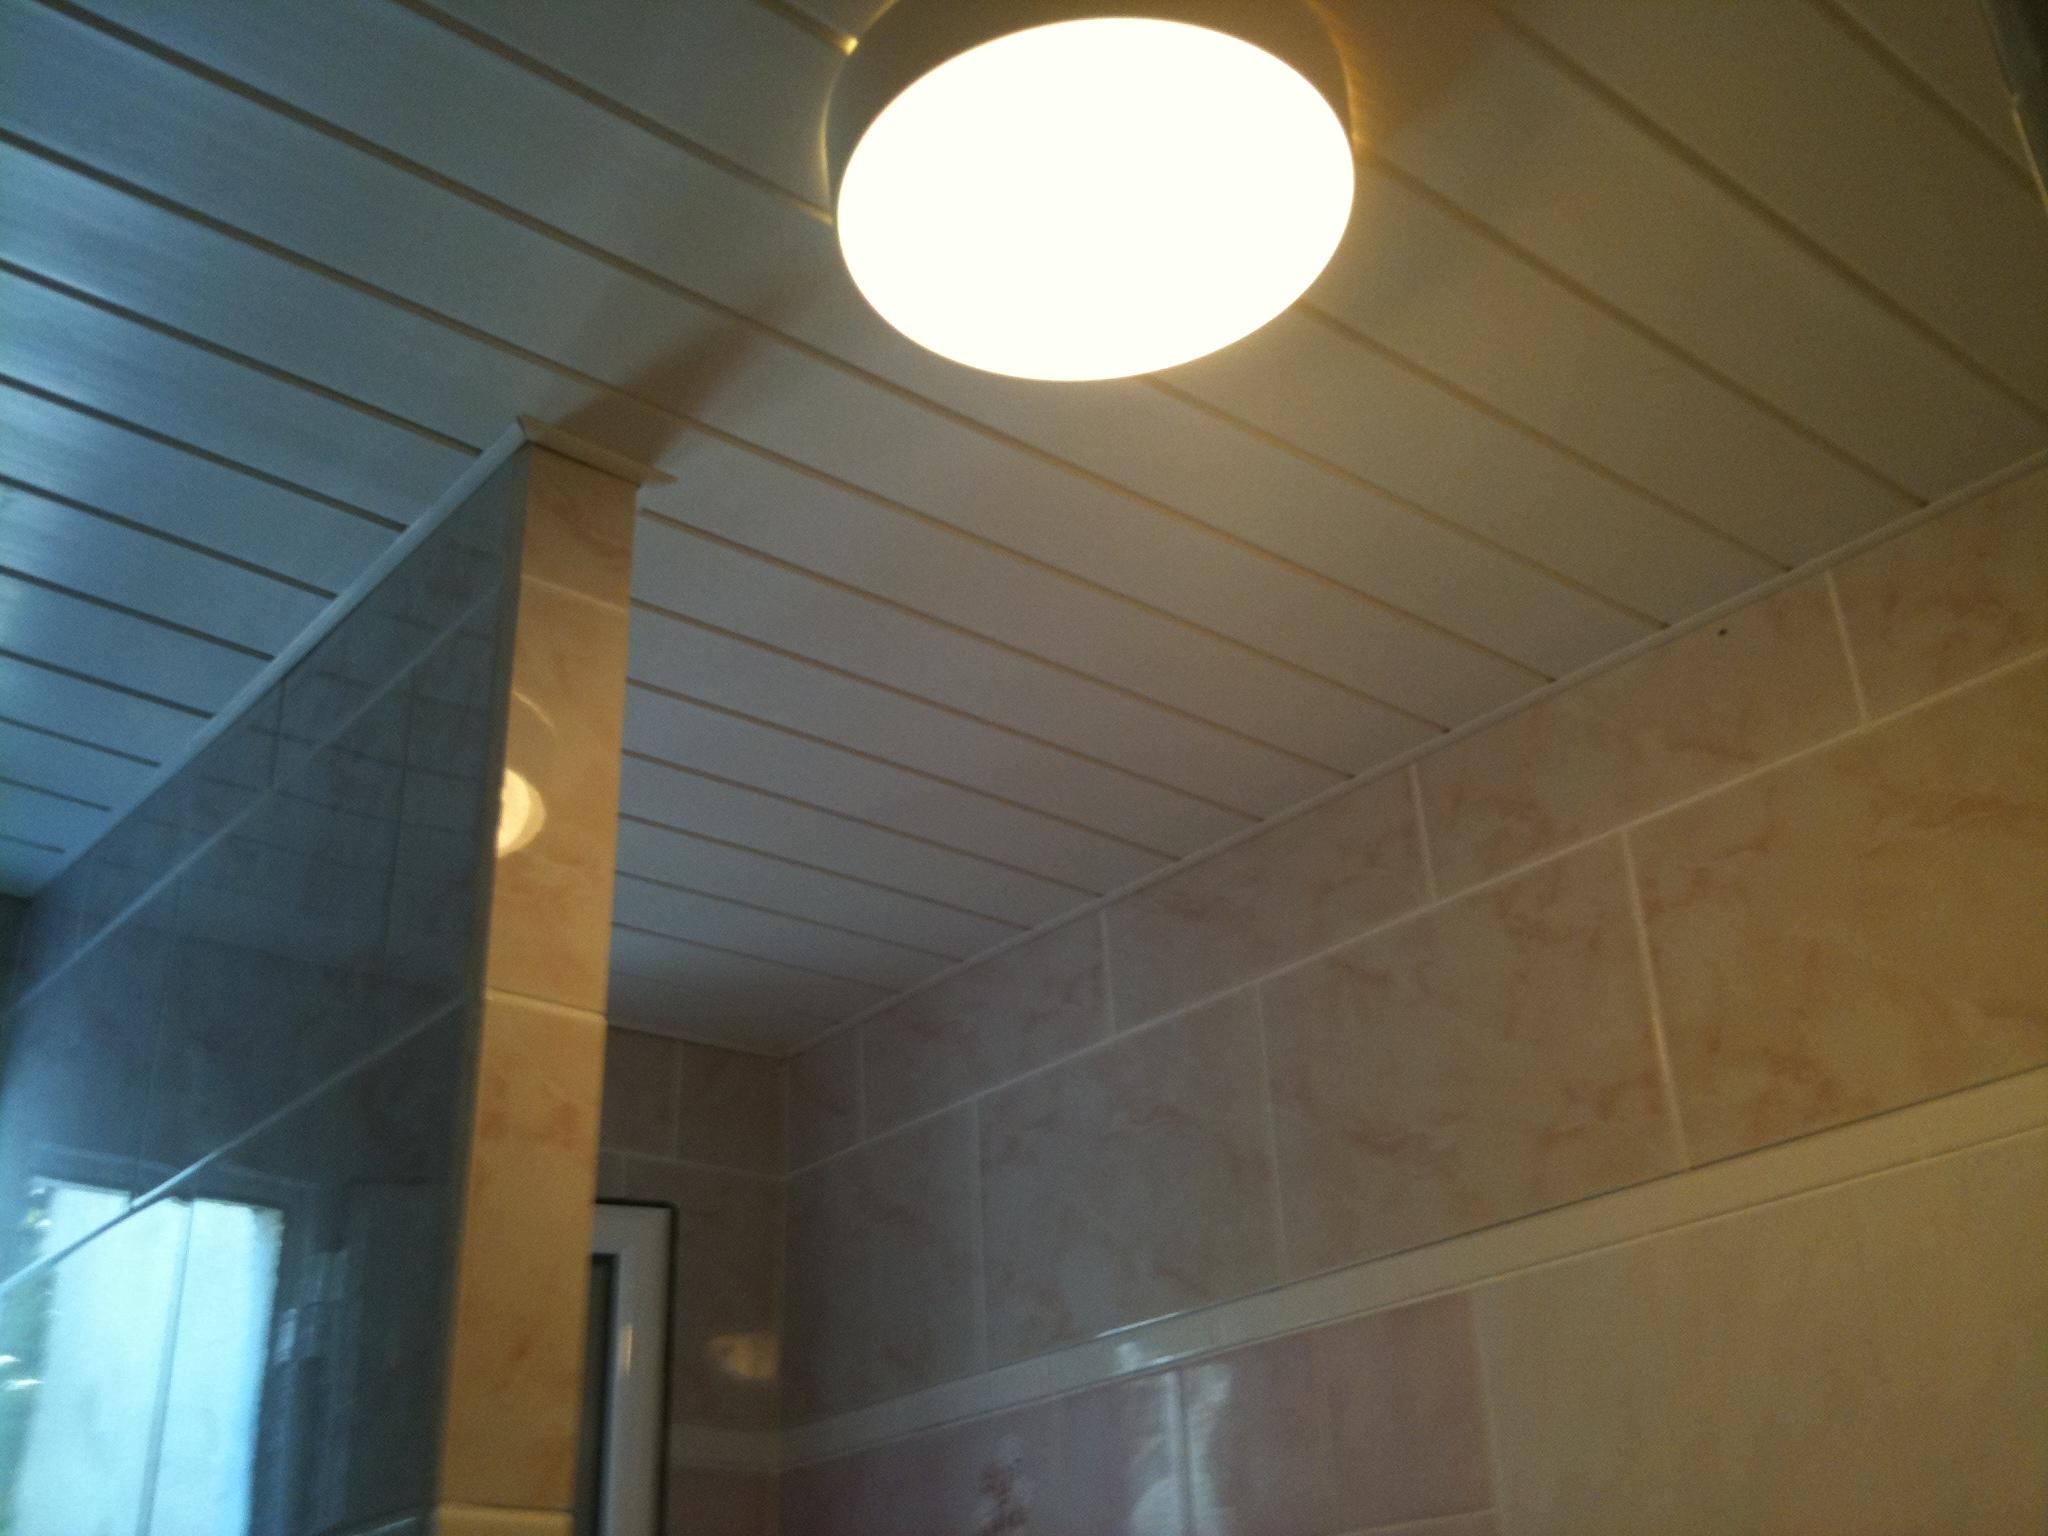 plafond suspendu pvc isolation id es. Black Bedroom Furniture Sets. Home Design Ideas